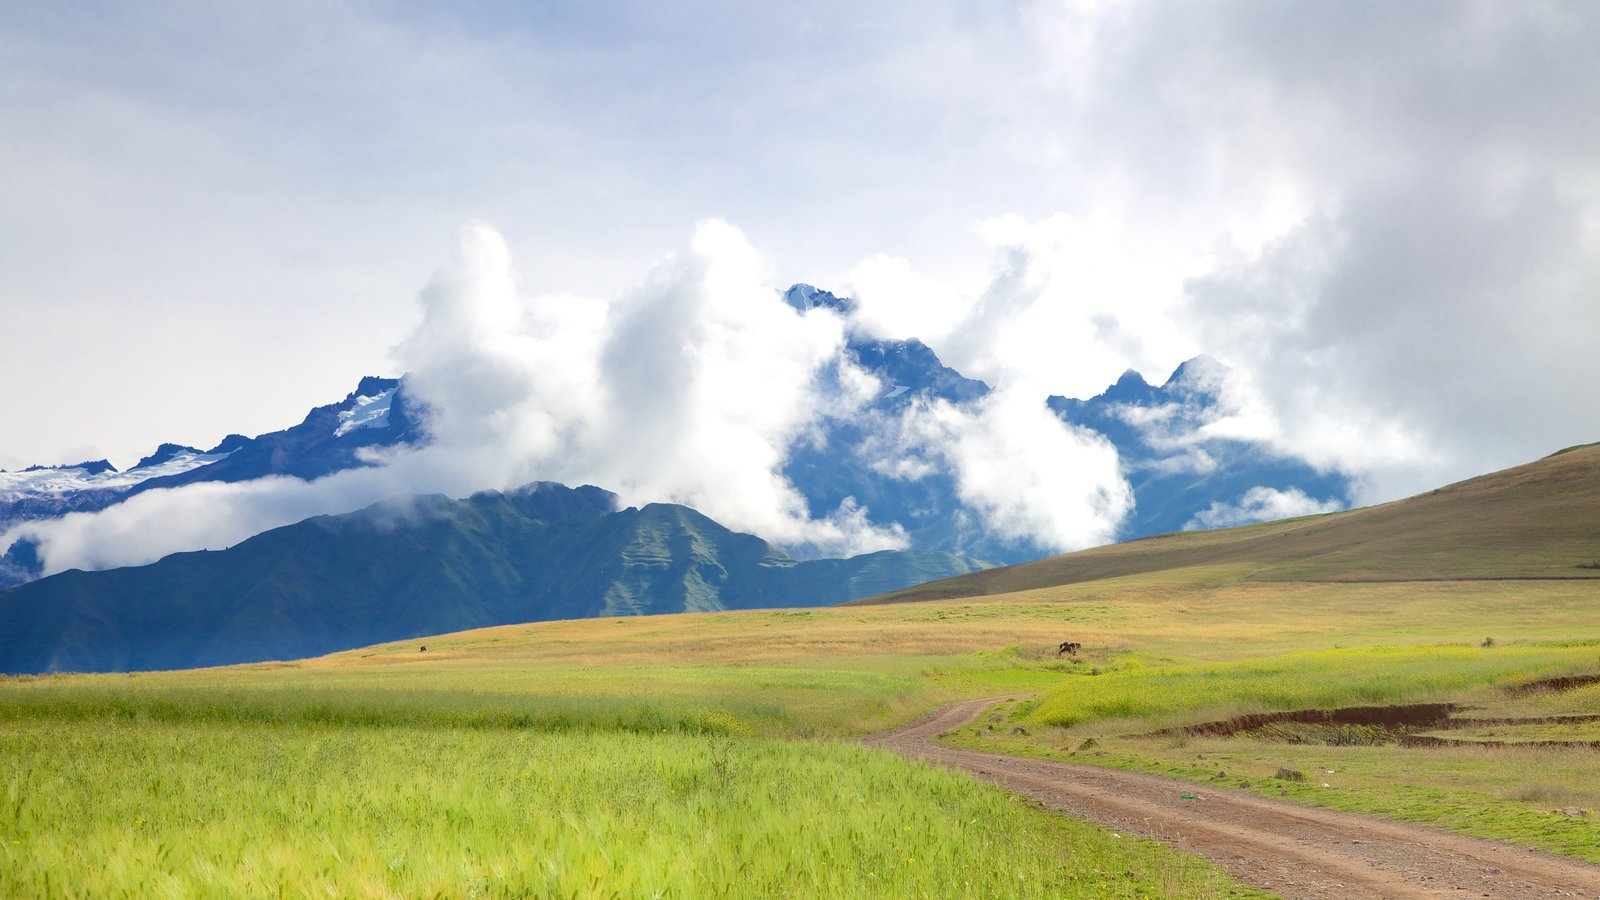 Cusco - Machu Picchu caracterizando paisagem, montanhas e cenas tranquilas